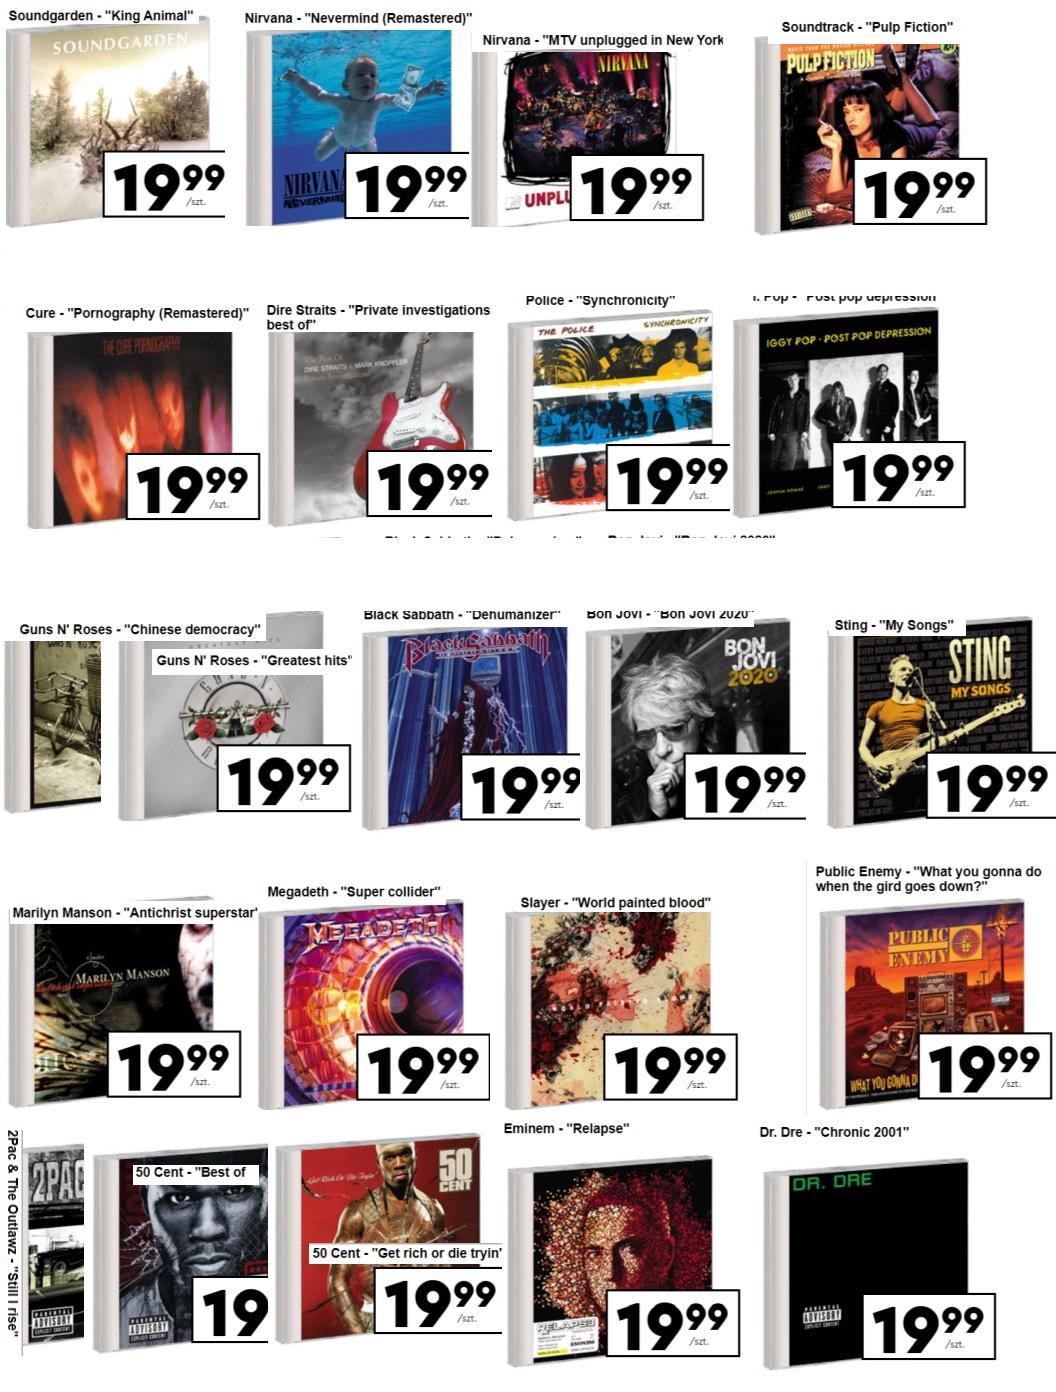 Płyty CD - BIEDRONKA [08.02.2021] - Soundgarden i inne